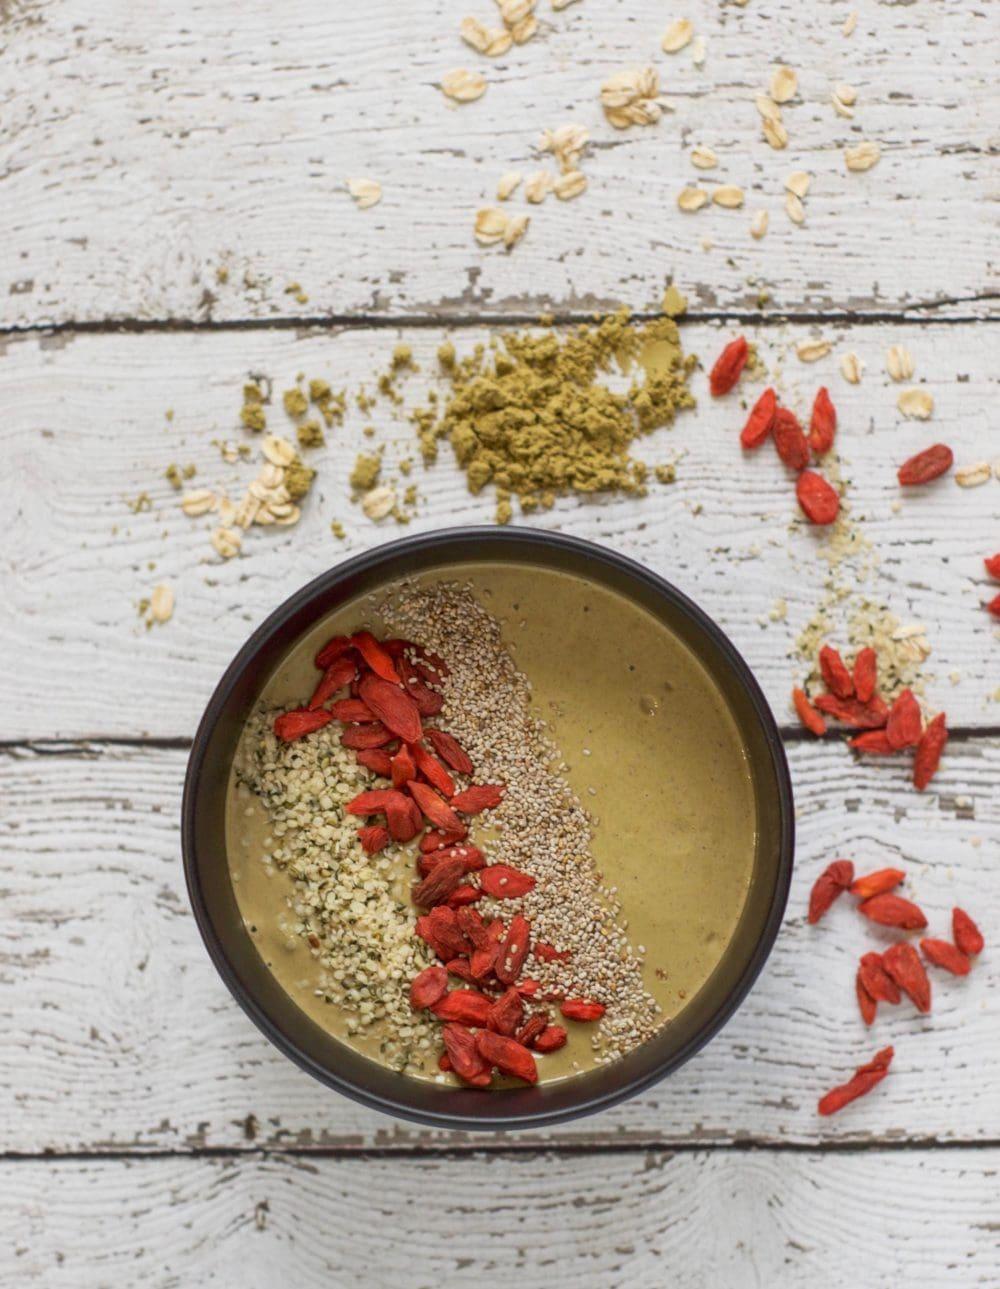 Vanilla Chai Hemp Smoothie Bowl (& #giveaway!) - #ad @manitobaharvest #hempproteinsmoothie #vegan